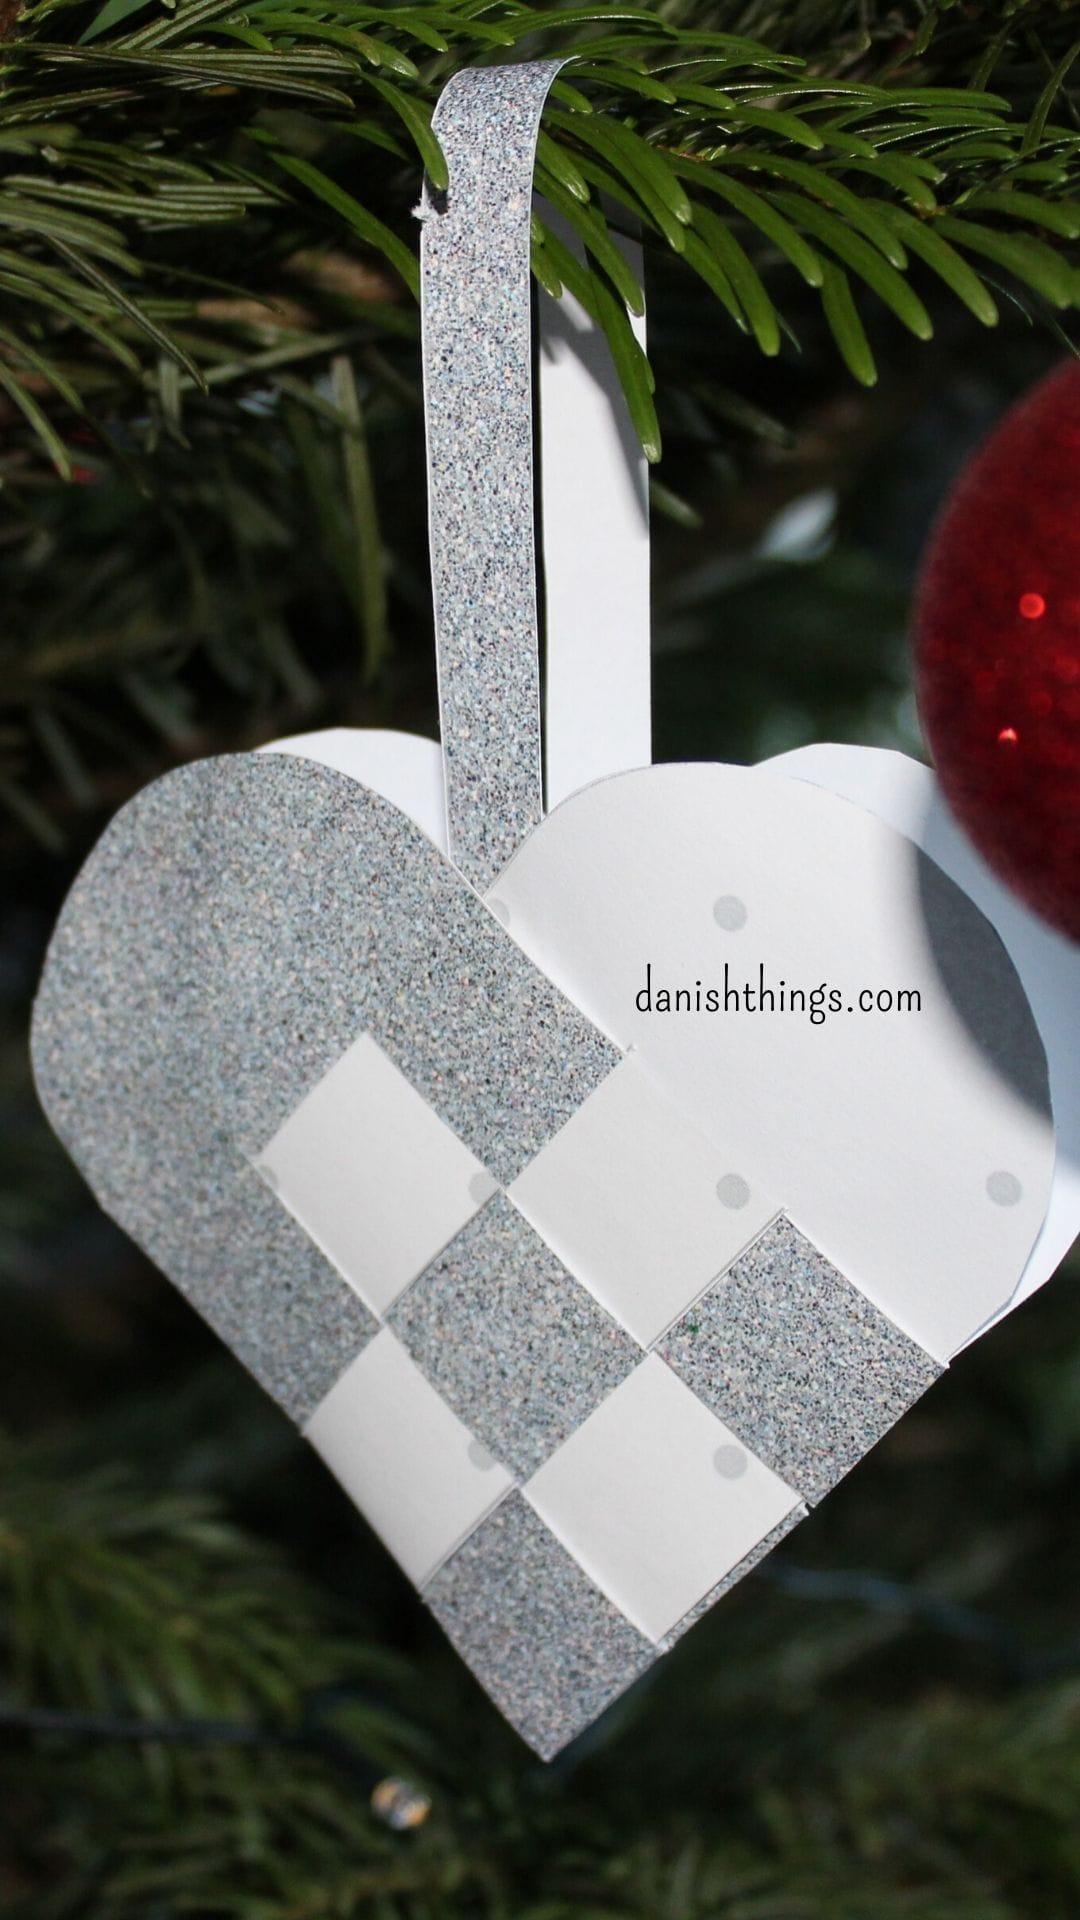 Sådan fletter du et julehjerte. Flettede julehjerter, find skabeloner og hjerter til print, vælg om du vil printe, klippe og flette et færdigt fint julehjerte, eller bruge skabelonerne og dit eget papir. Find inspiration til årets gang på danishthings.com #DanishThings #julehjerte #fletttet #hjerte #skabelon #hjemmelavet